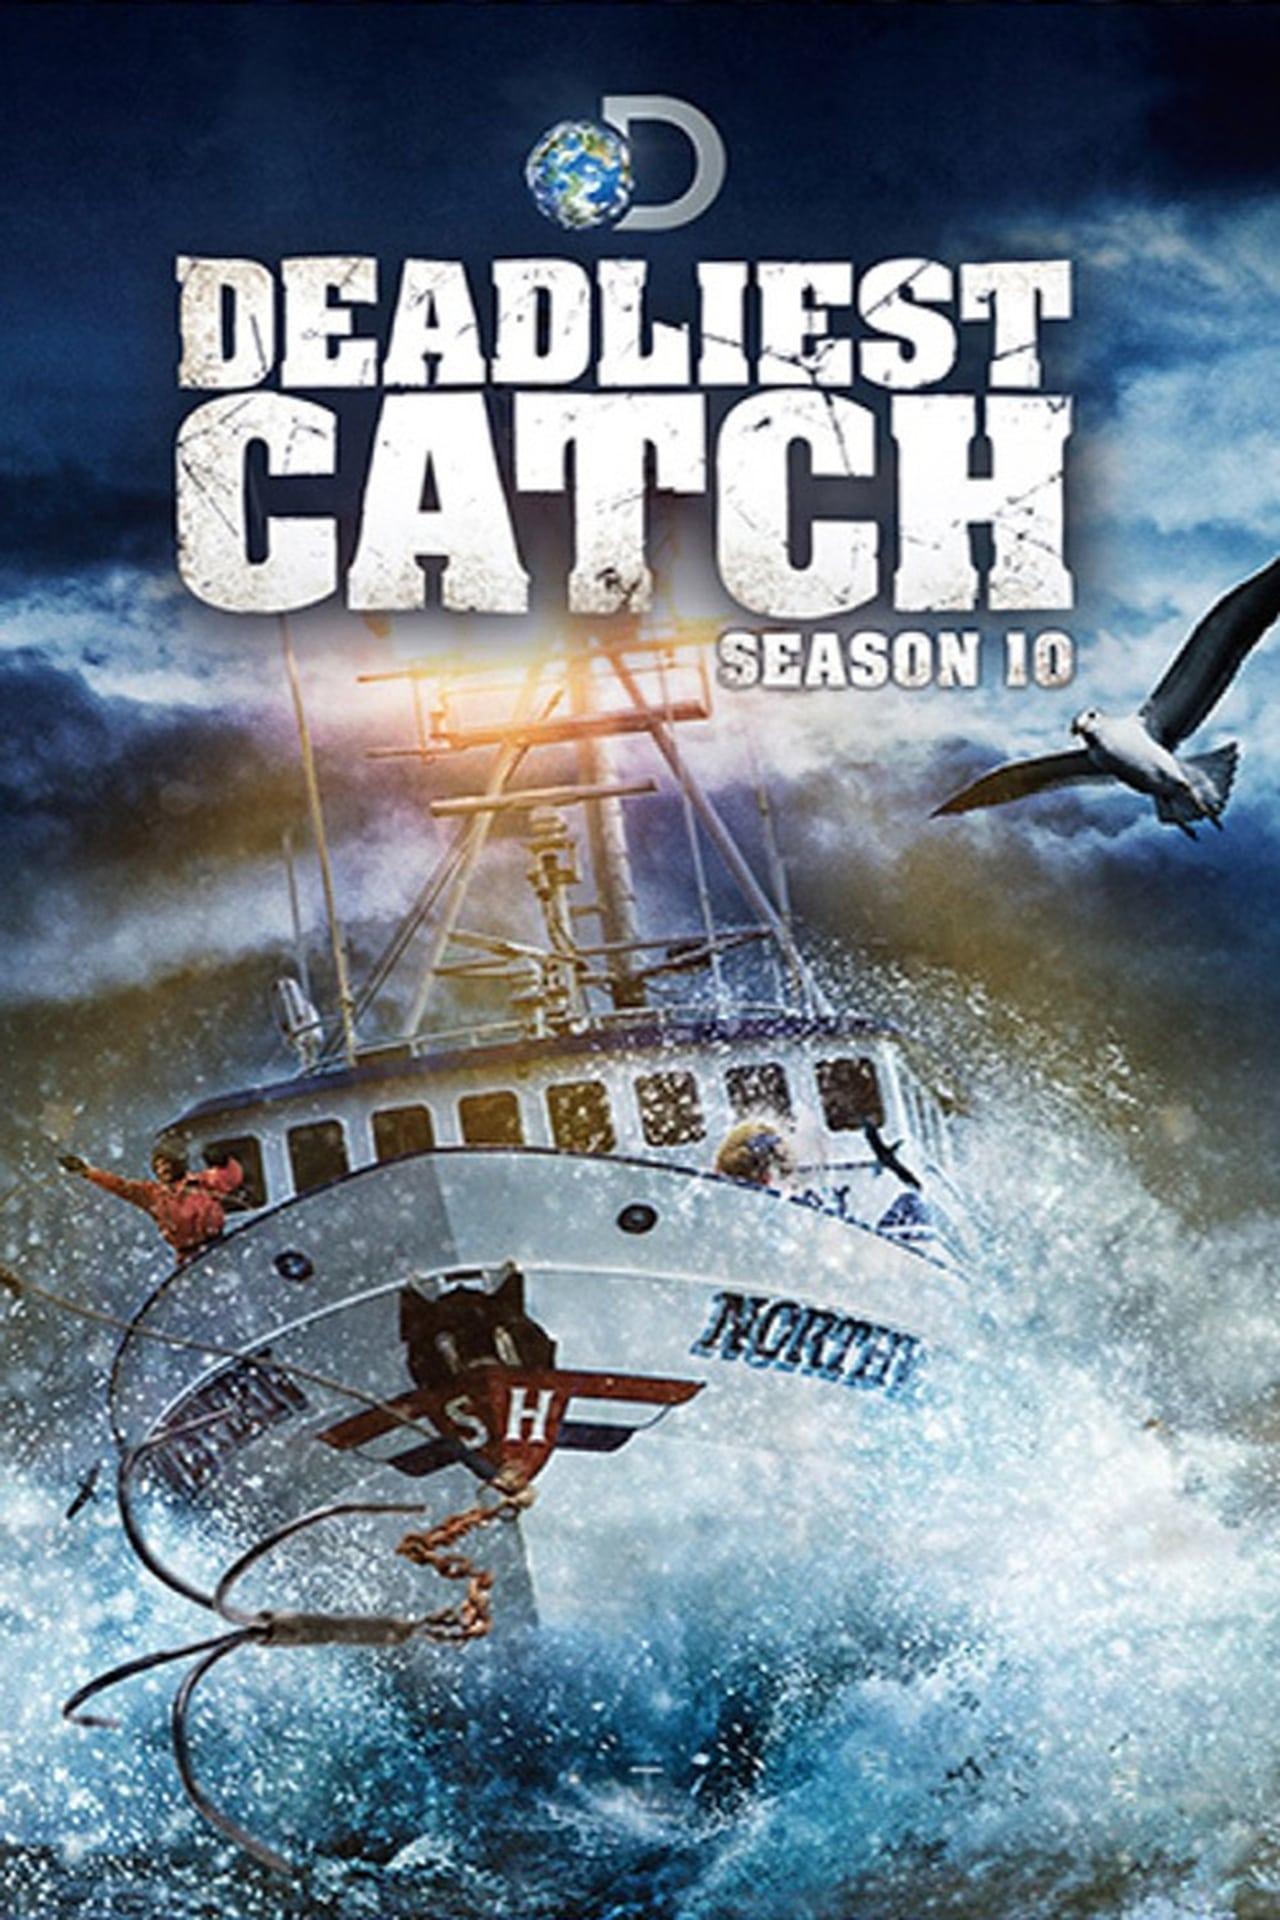 Watch Deadliest Catch Season 10 Online